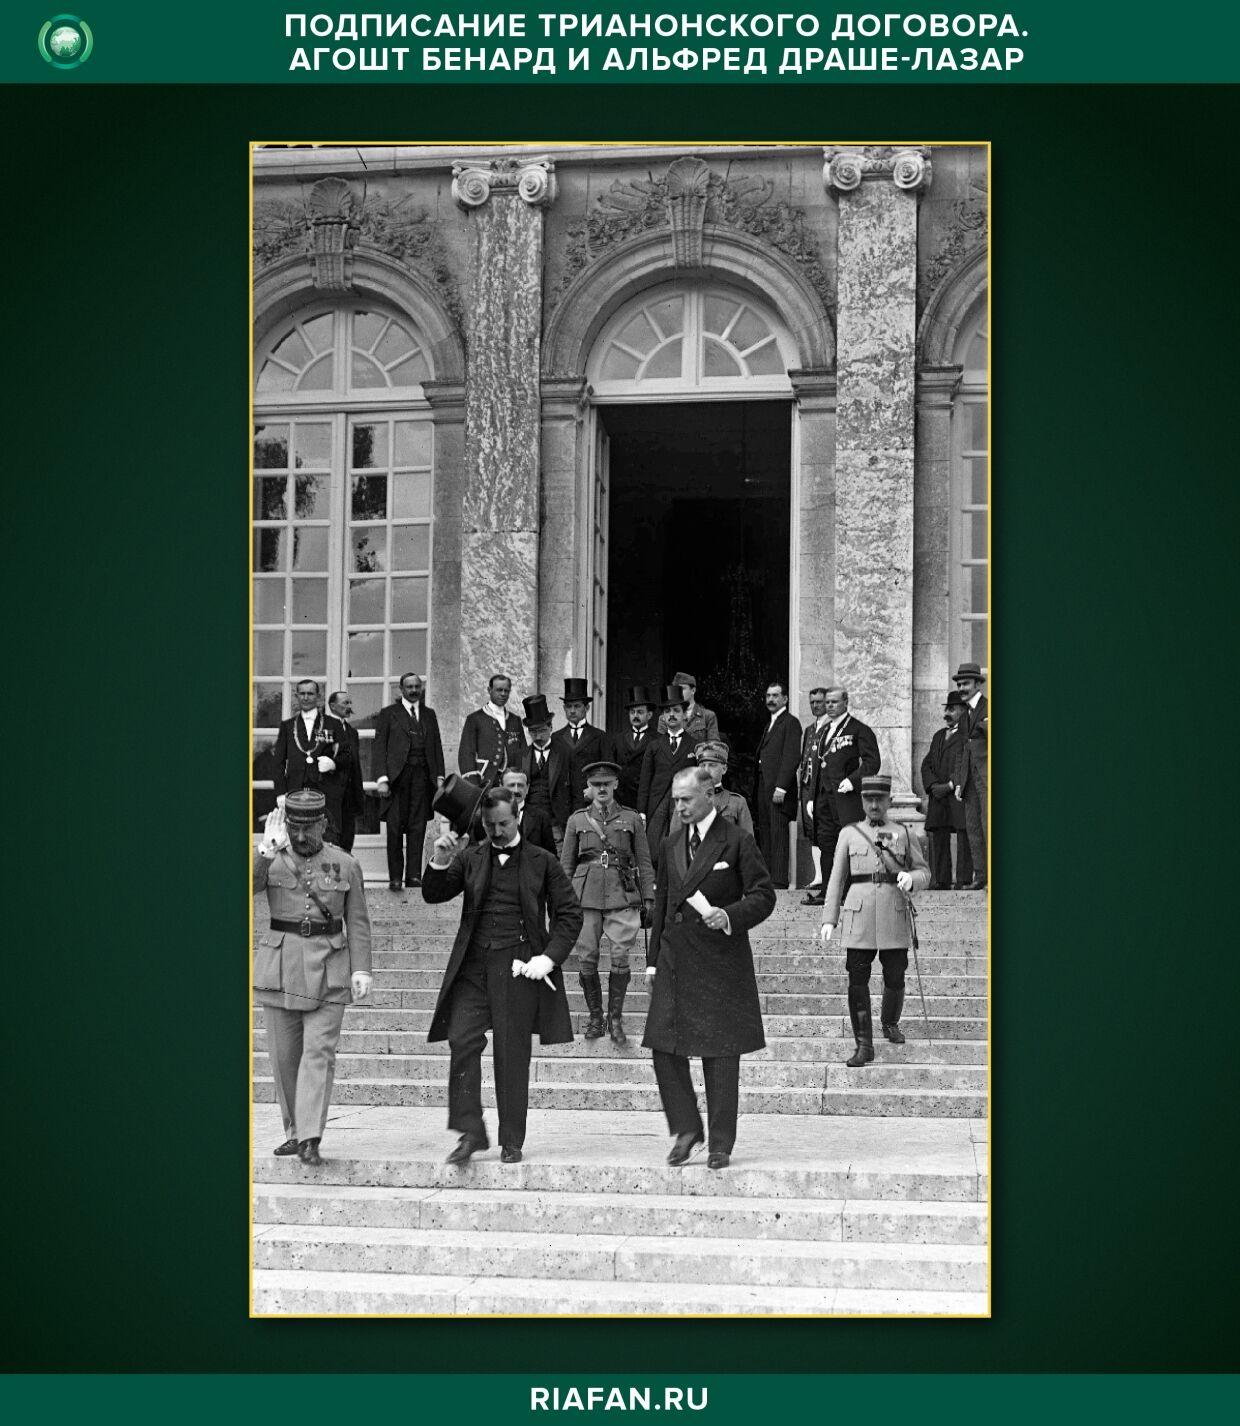 100 лет Трианону: Венгрия винит Запад в своей национальной трагедии столетней давности